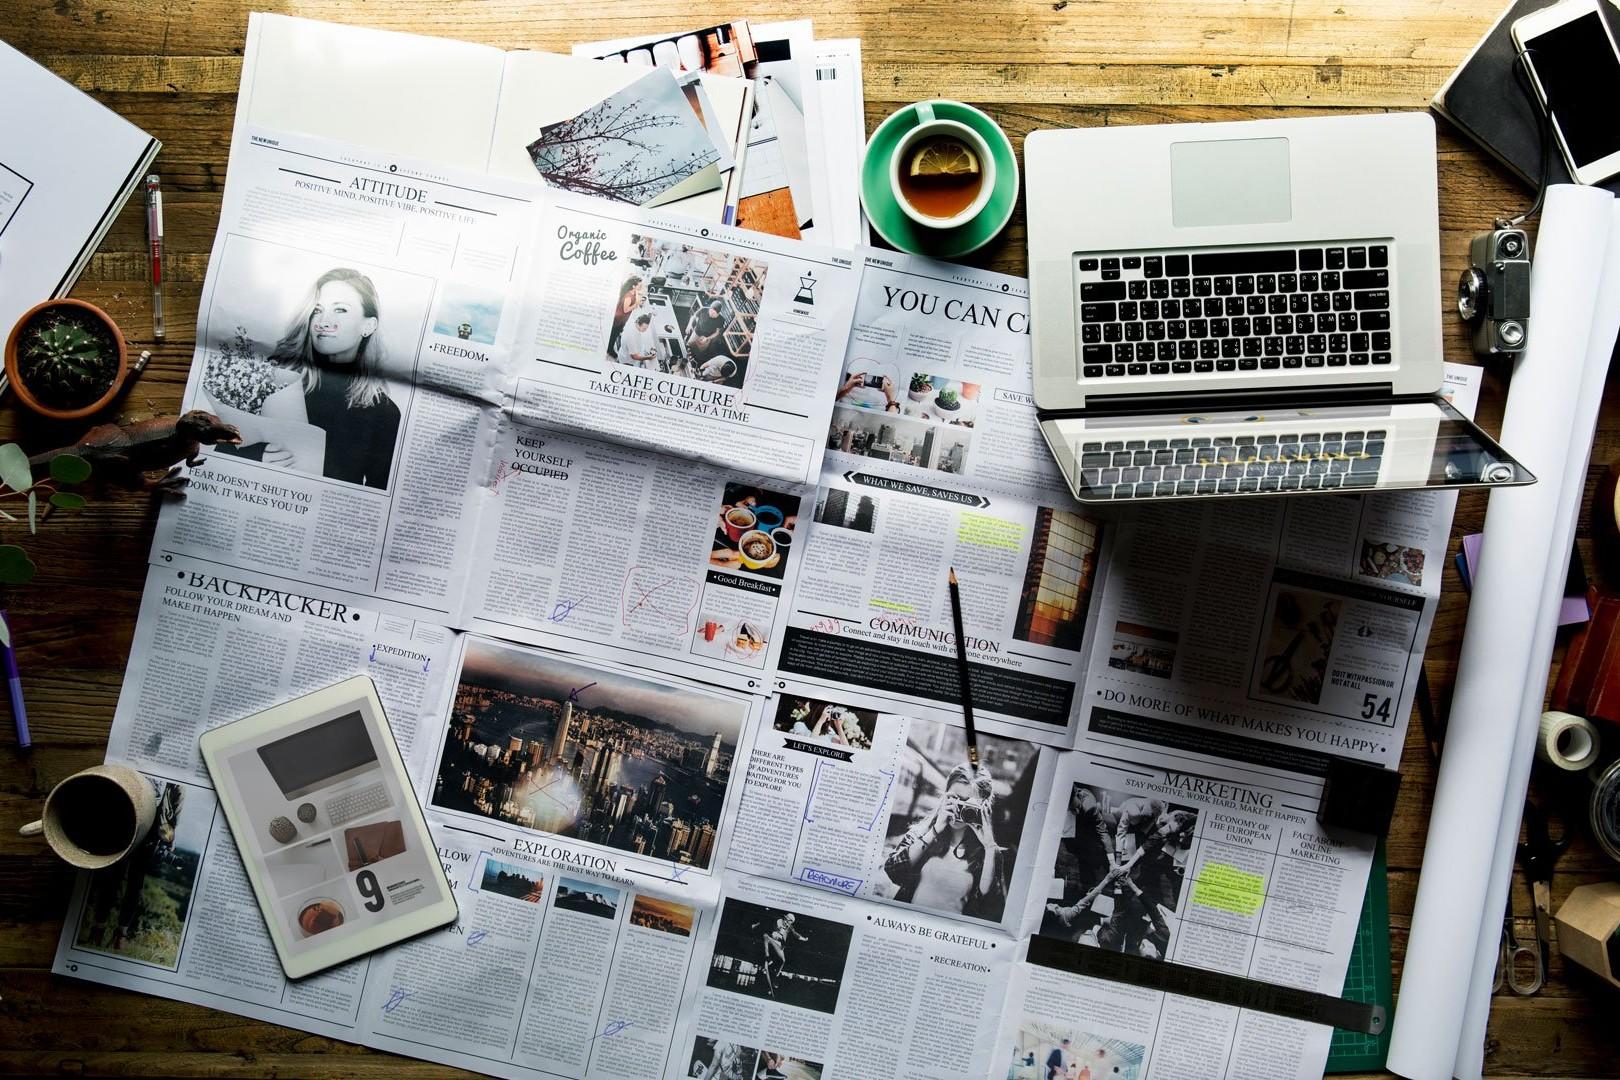 Perfekte Blogartikel schreiben: Das braucht ein Artikel, damit er funktioniert 4